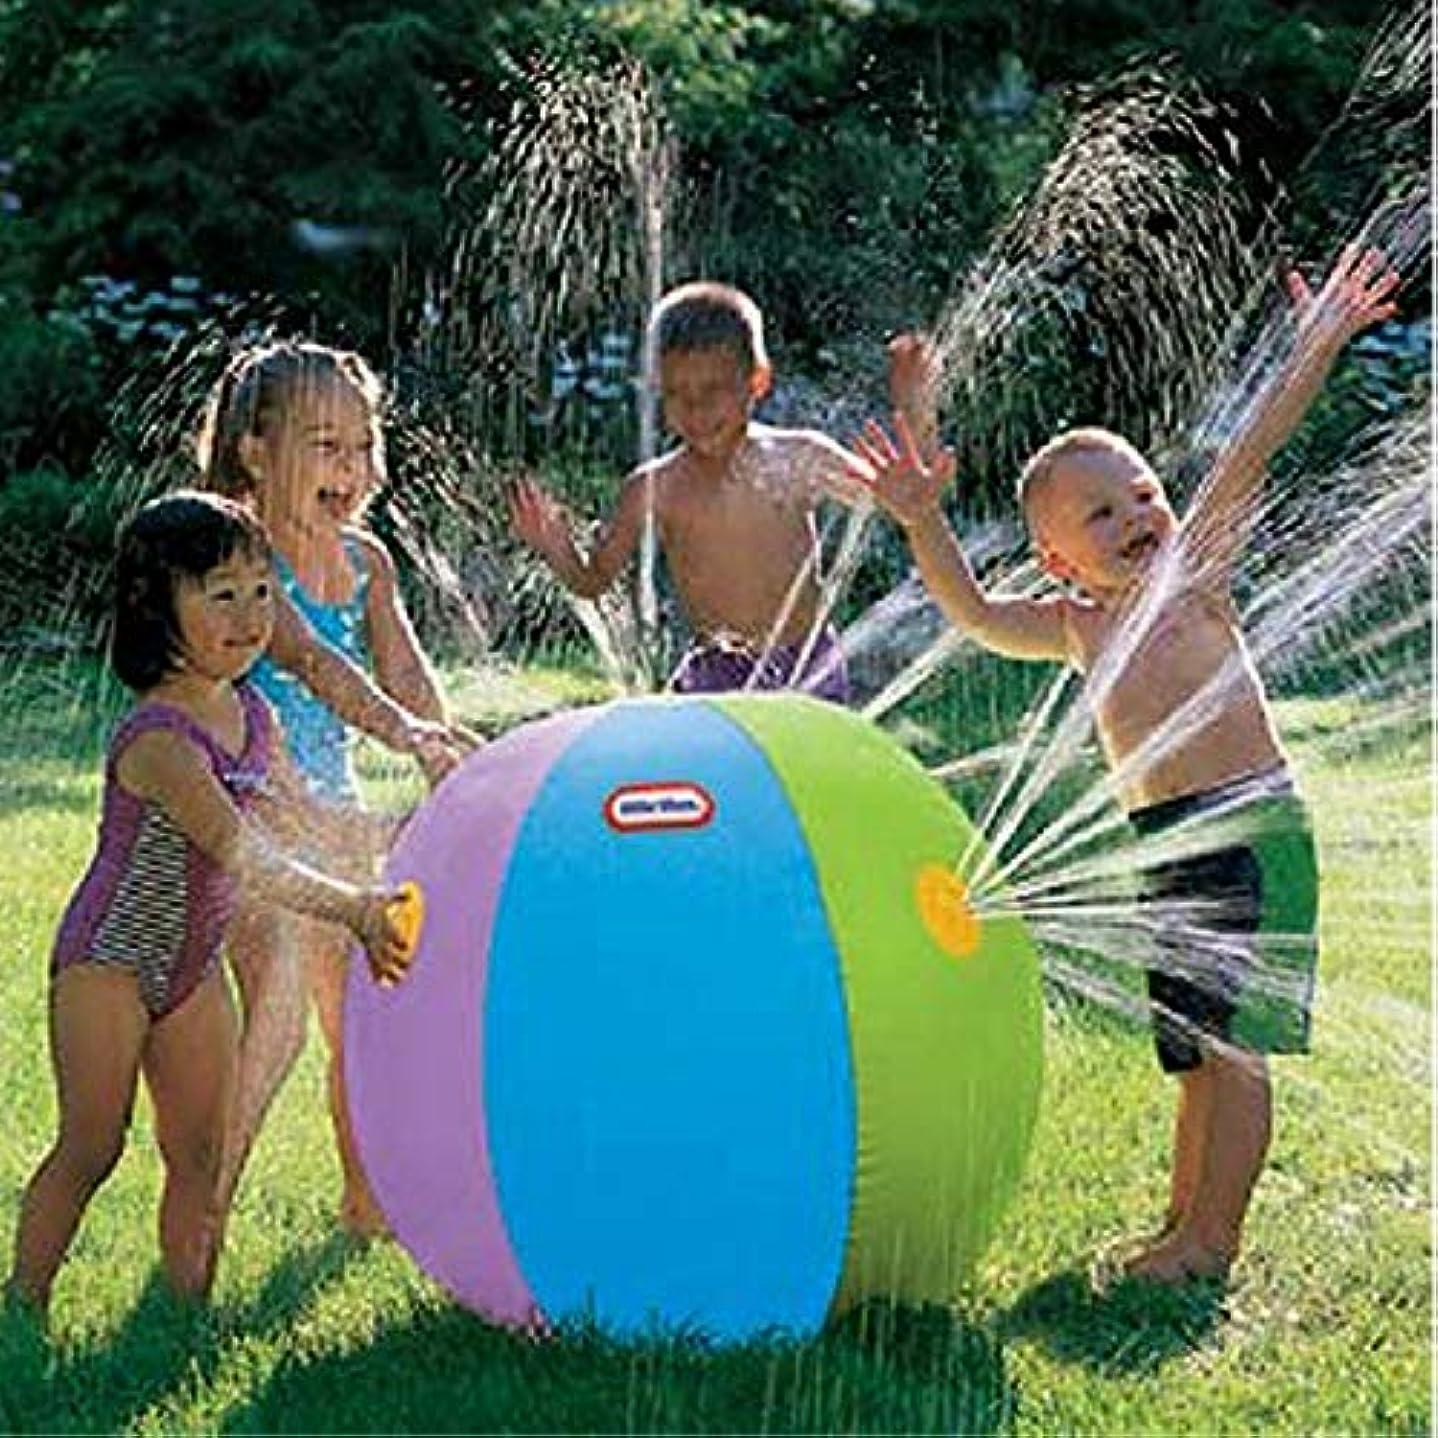 精査する実行する象Fenghong 水スプレーインフレータブルボール\インフレータブルビーチボール噴水ビーチボール面白いウォーターボール夏のビーチボールのおもちゃ